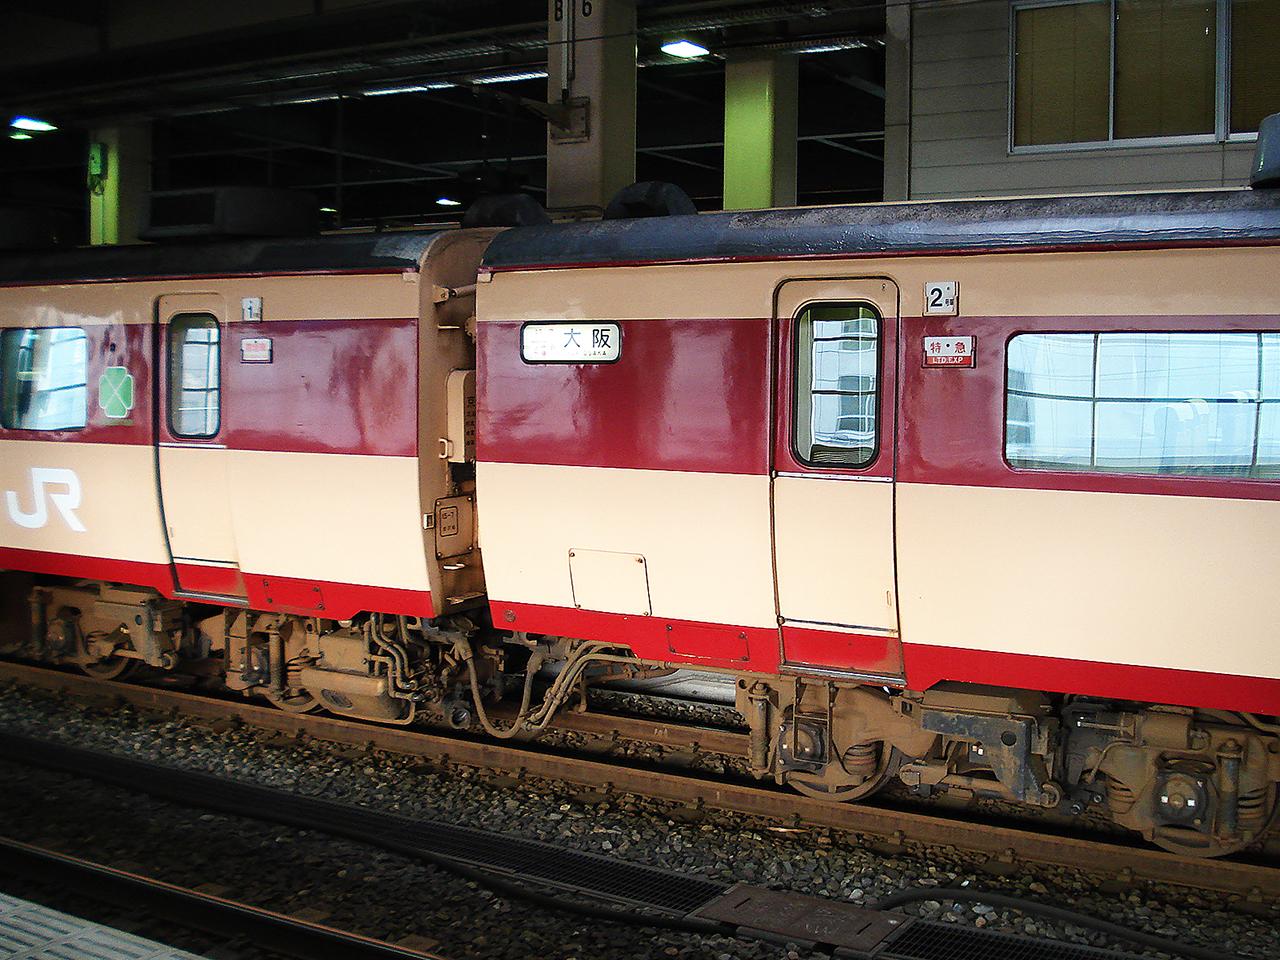 http://moritetsu.info/train/img/DSC02346sssss.jpg